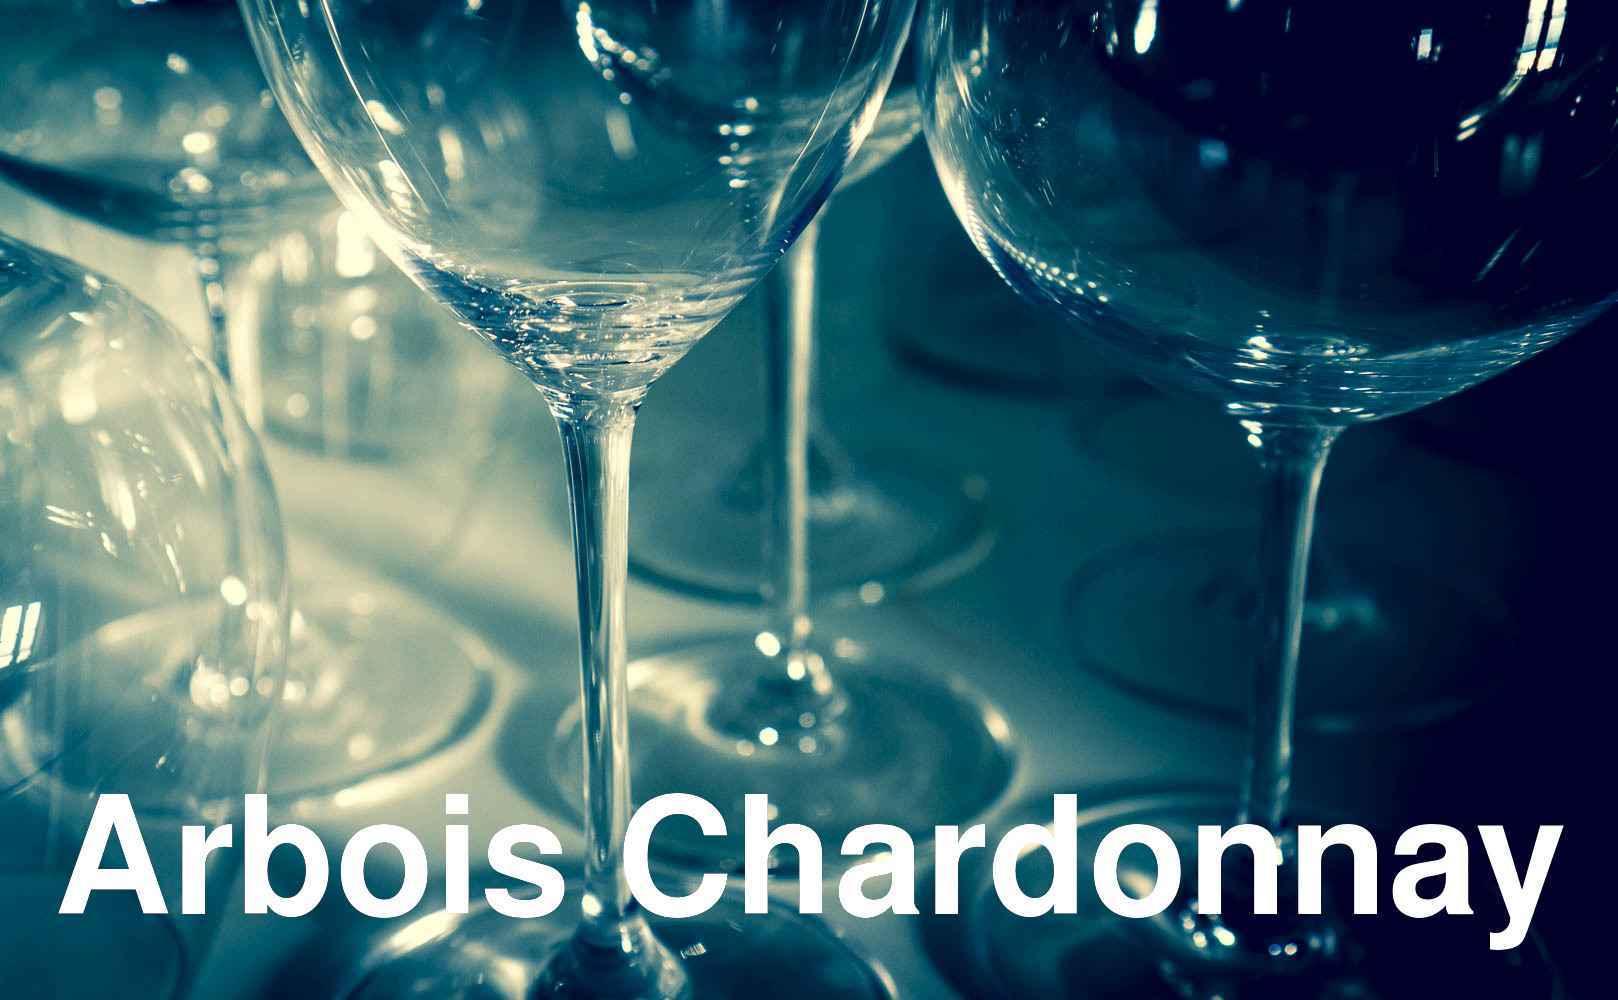 Arbois Chardonnay von Domaine du Pélican aus Jura, Frankreich